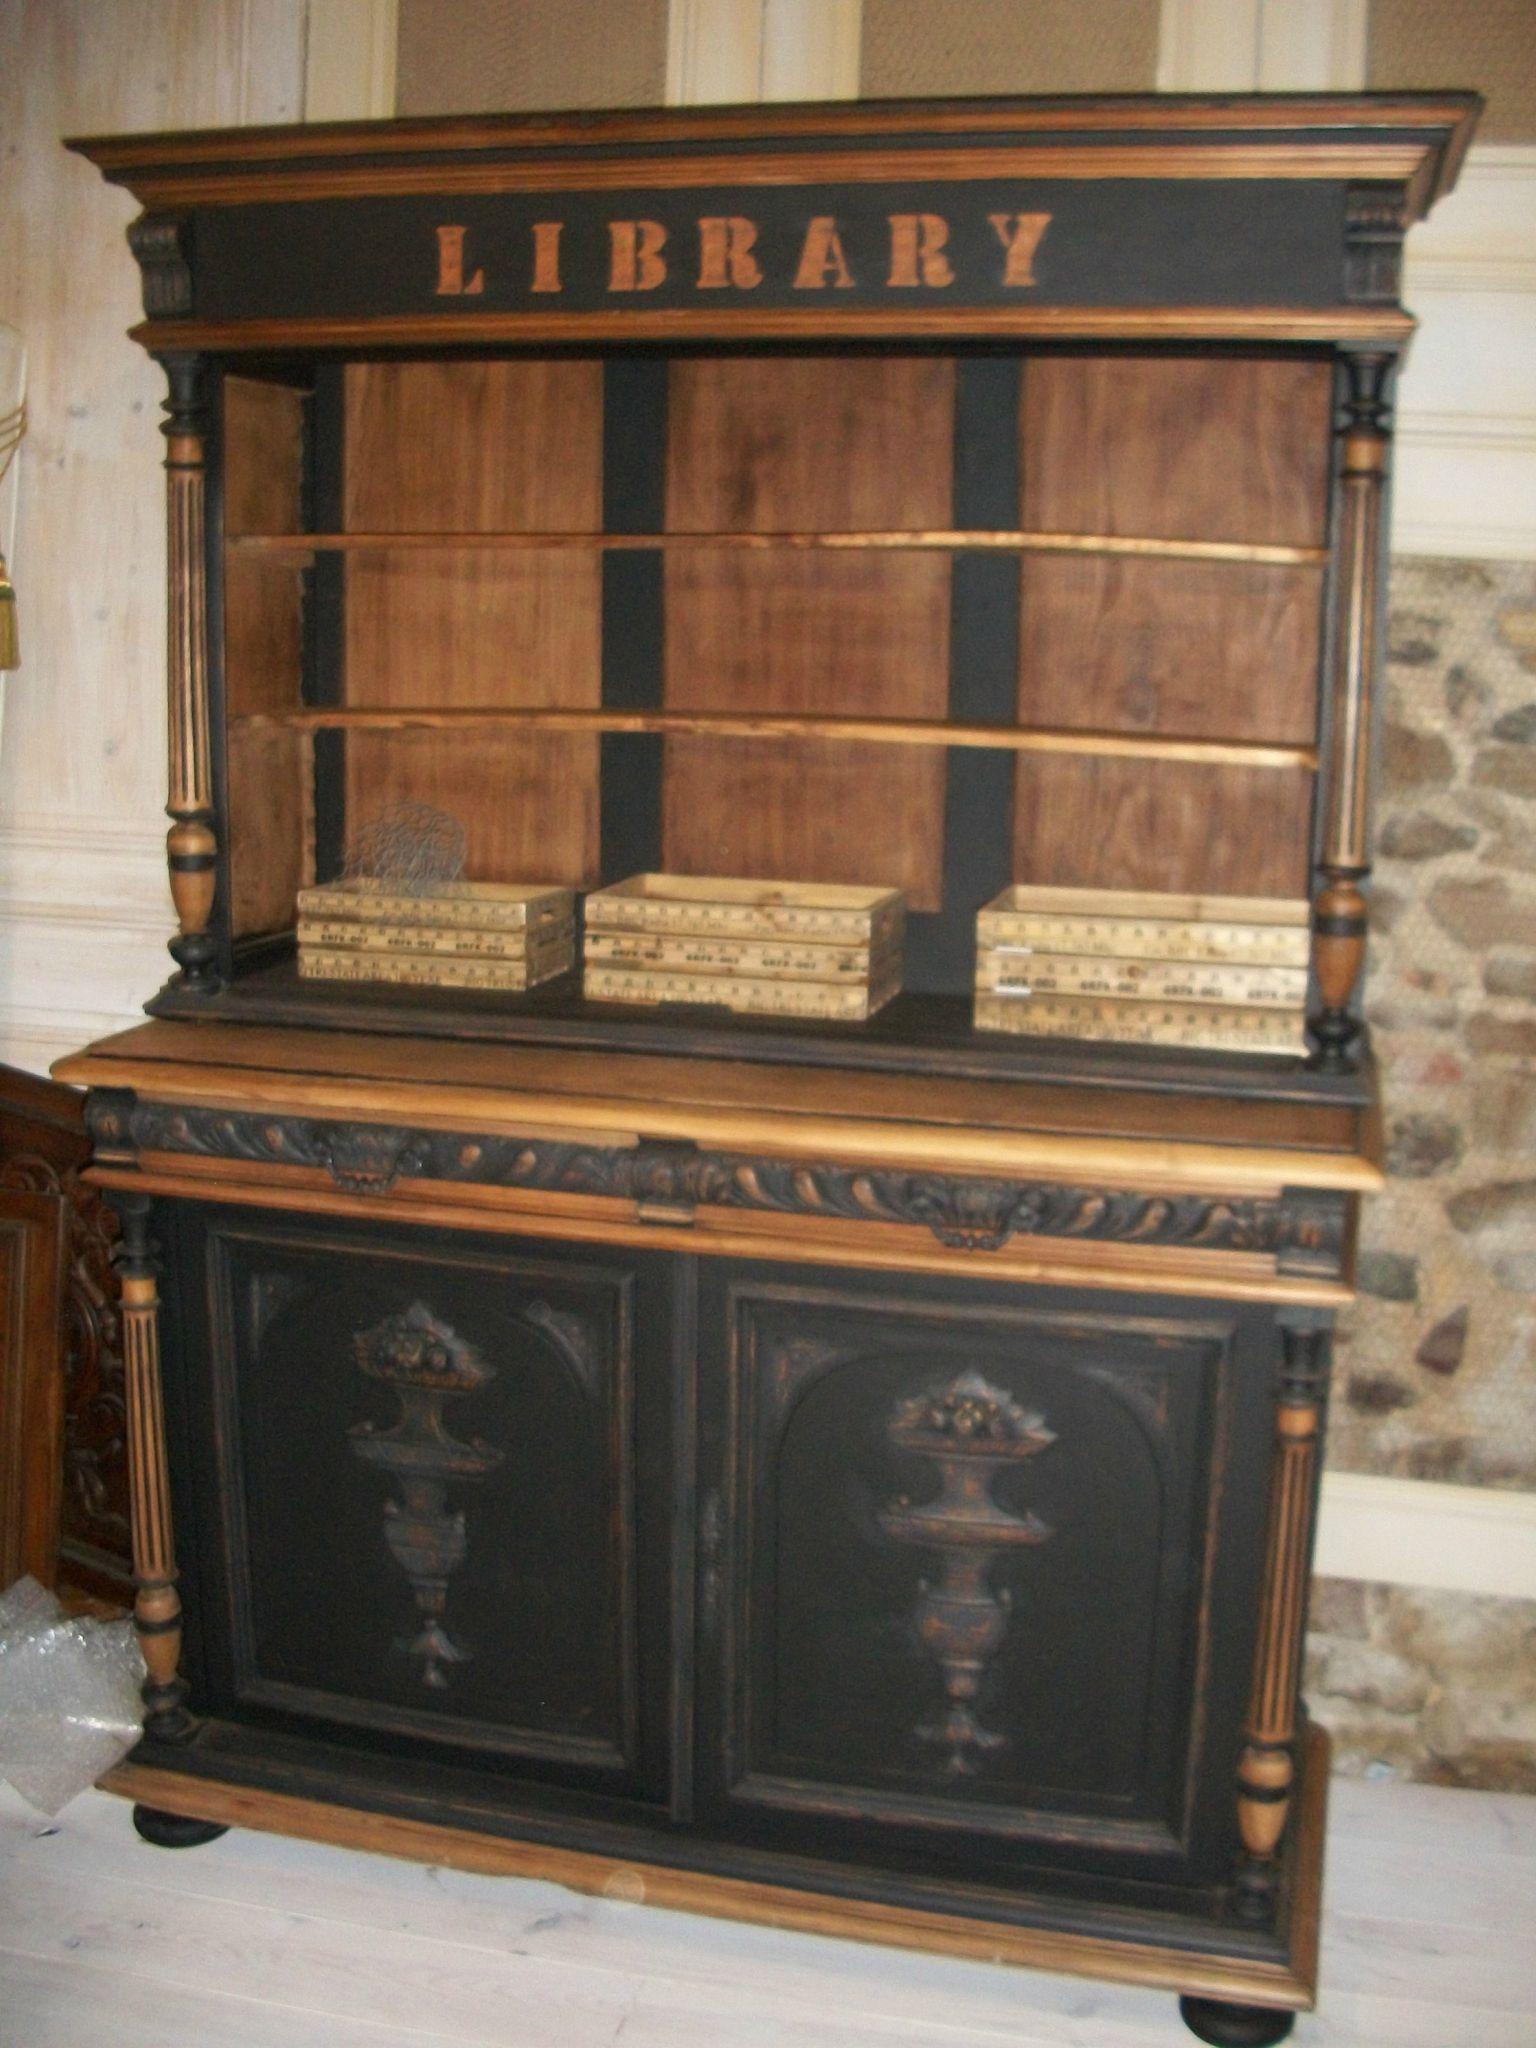 100 1908 1 mes patines en 2019 mobilier de salon repeindre meuble et peindre meuble bois - Meubles peints patines ...